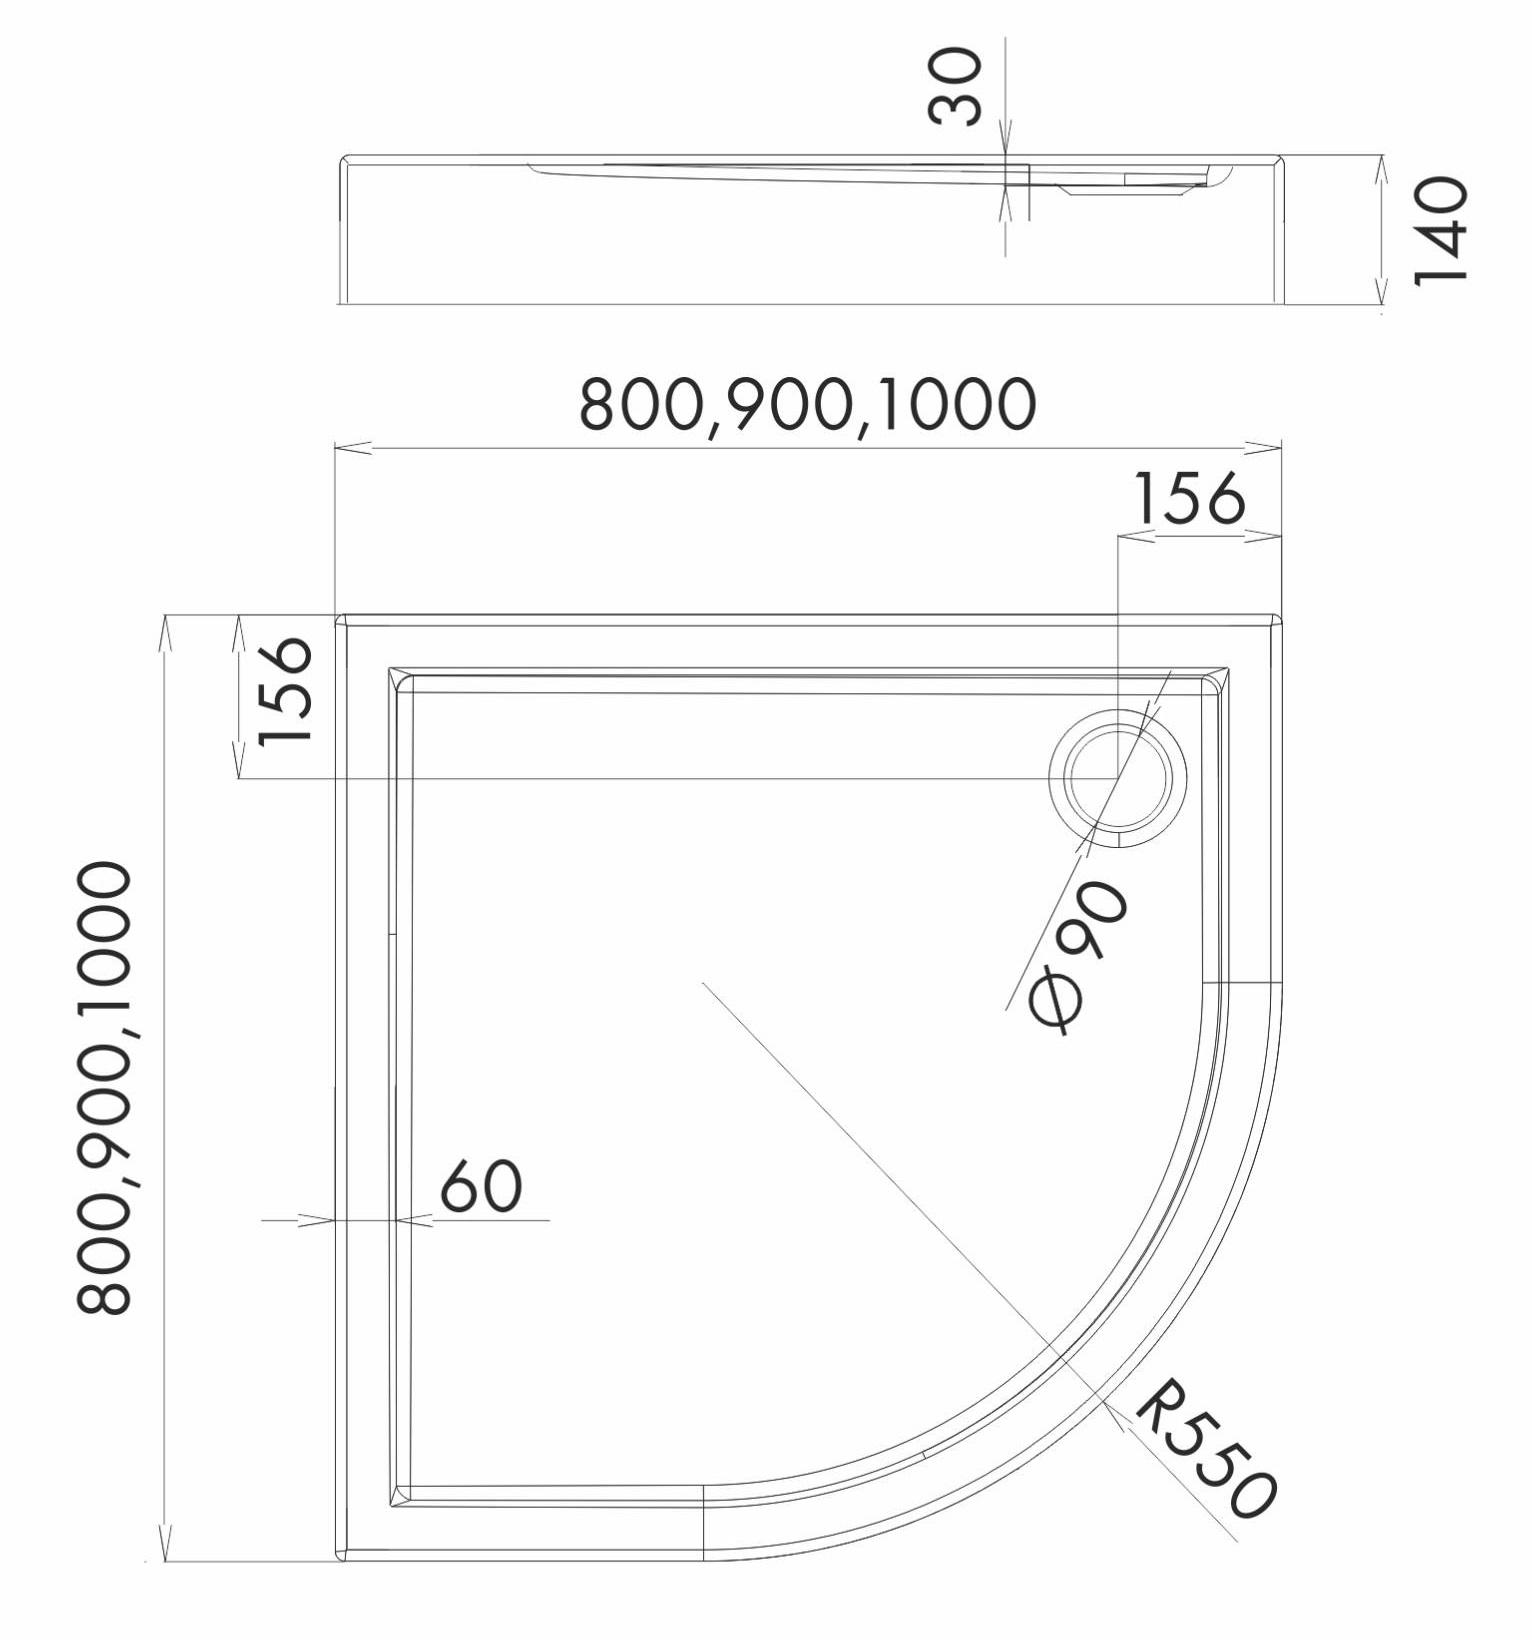 de luxe kwadrat 90 cm rys.png